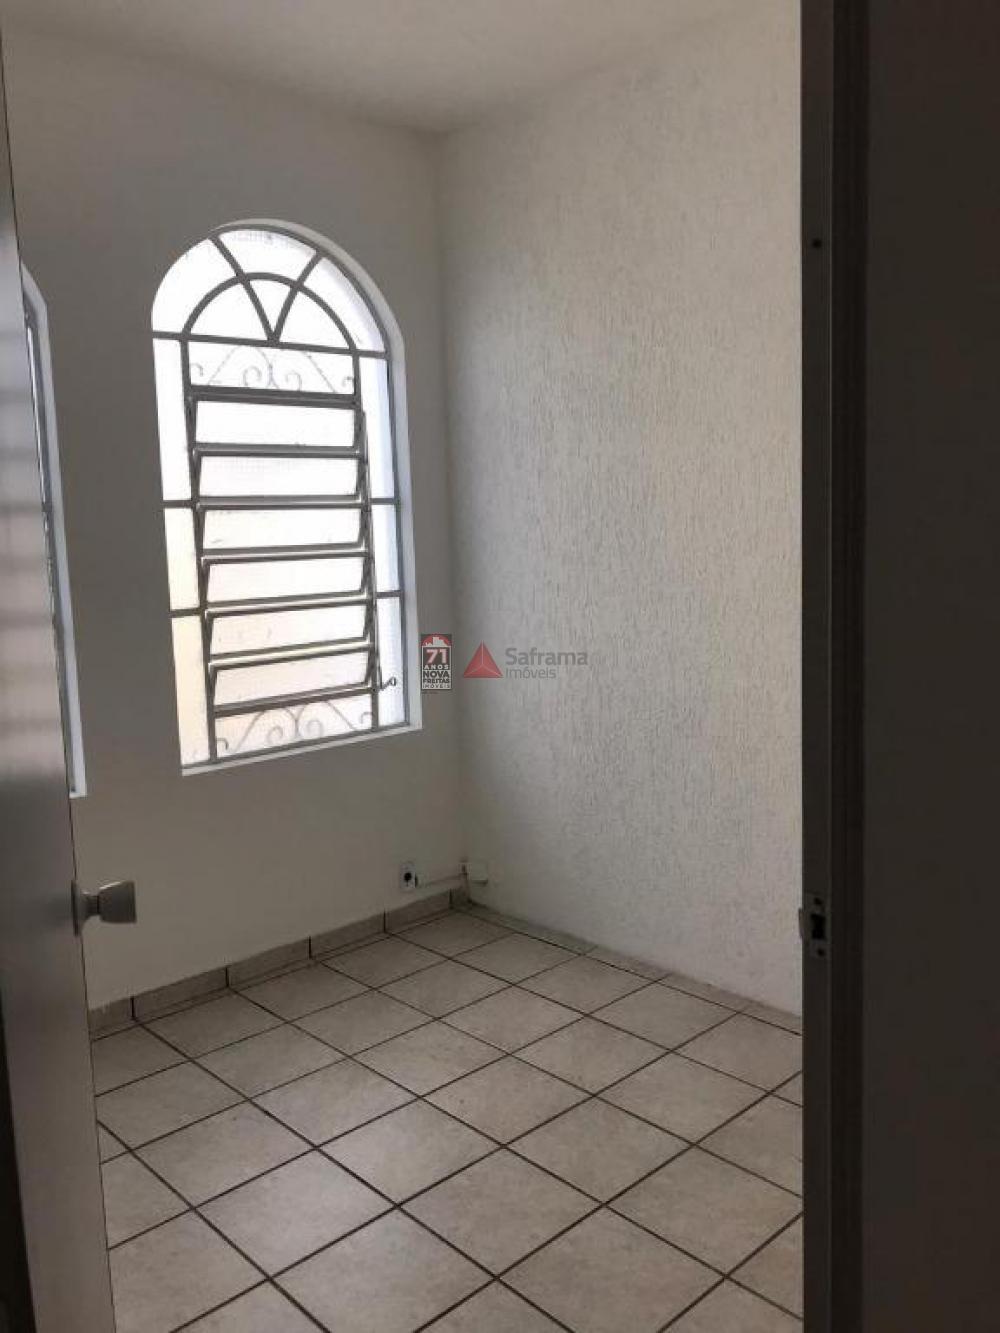 Alugar Comercial / Ponto Comercial em São José dos Campos apenas R$ 1.300,00 - Foto 8